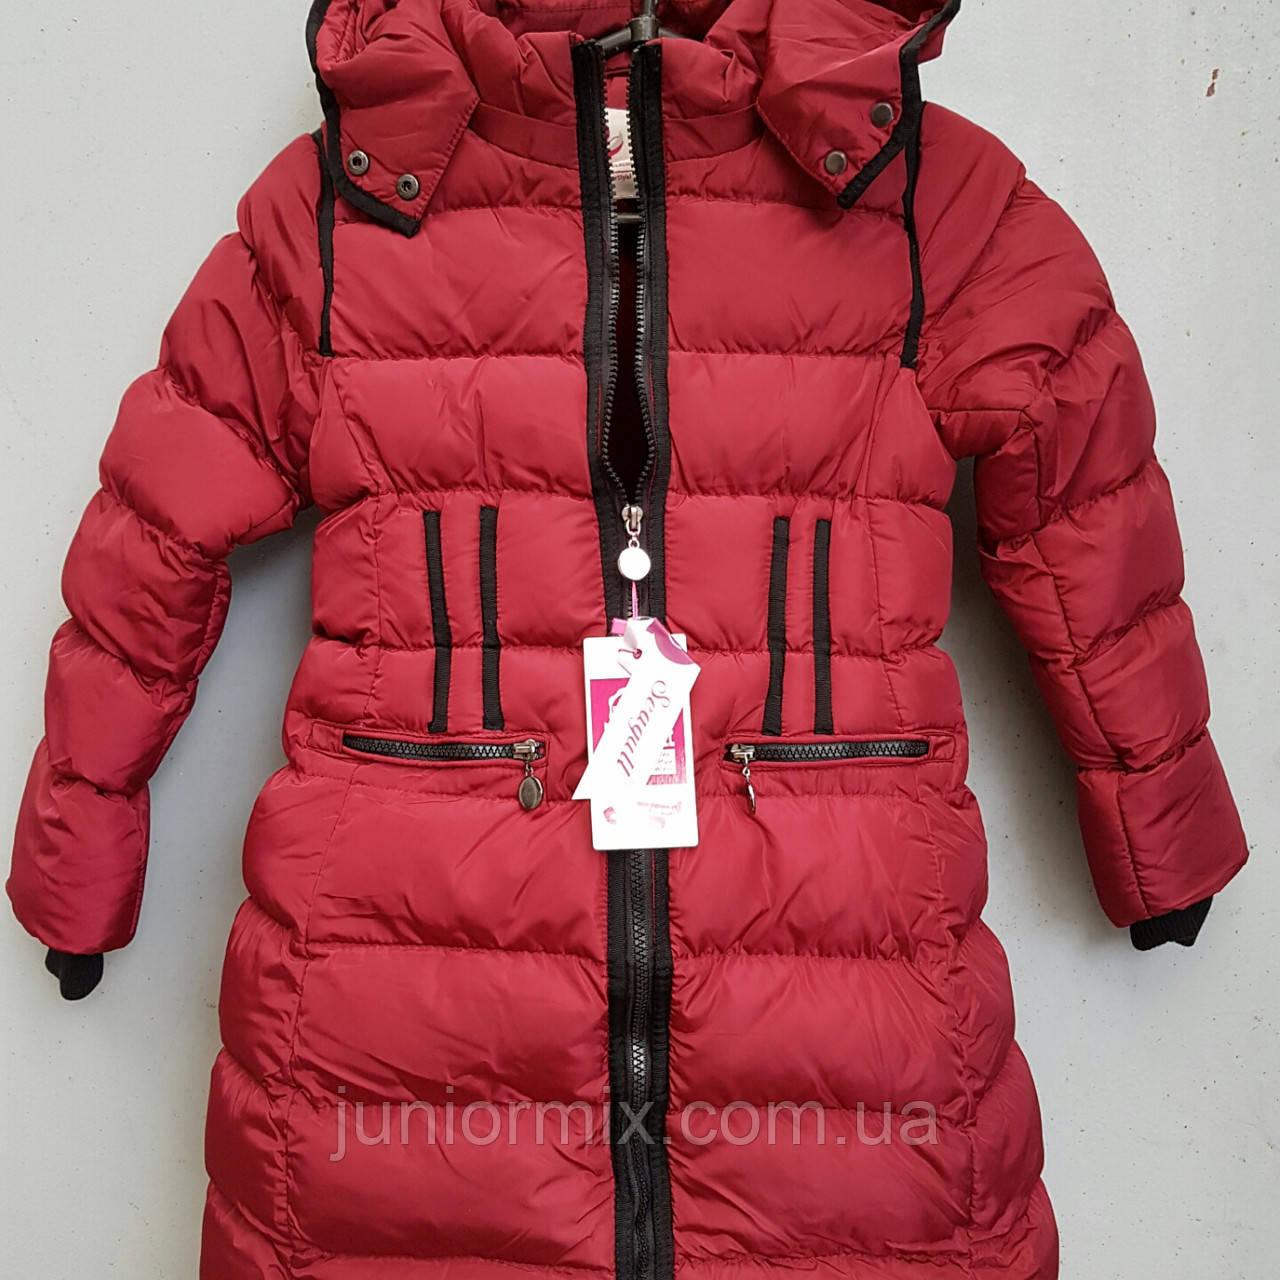 Подростковая Зимняя Куртка Купить